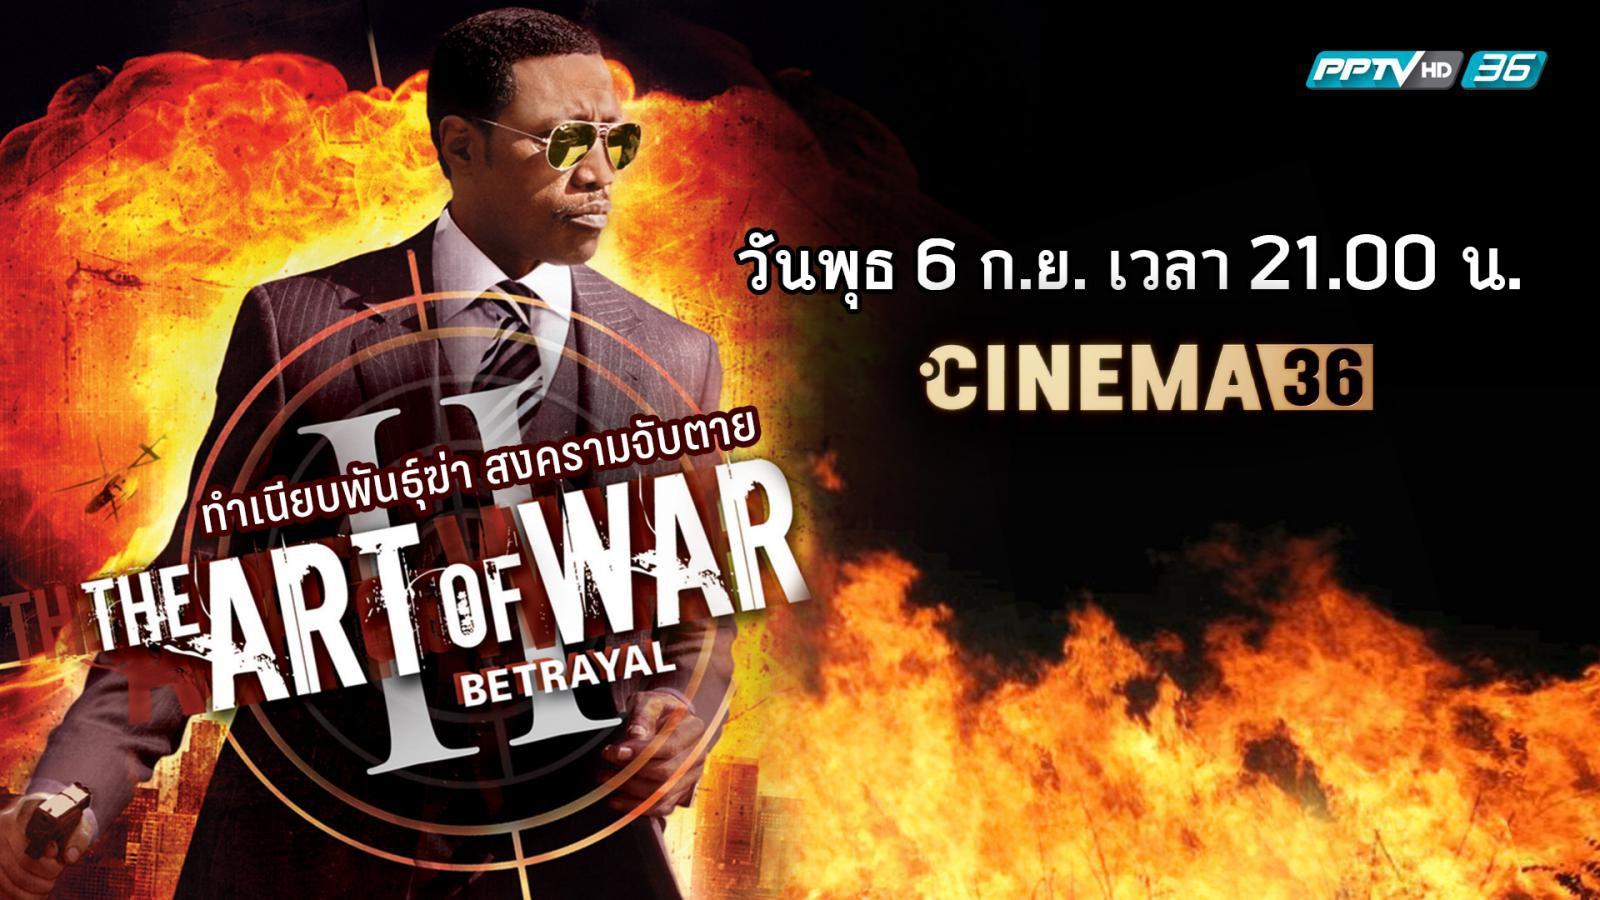 Art of War II The : Betrayal ทำเนียบพันธุ์ฆ่า สงครามจับตาย